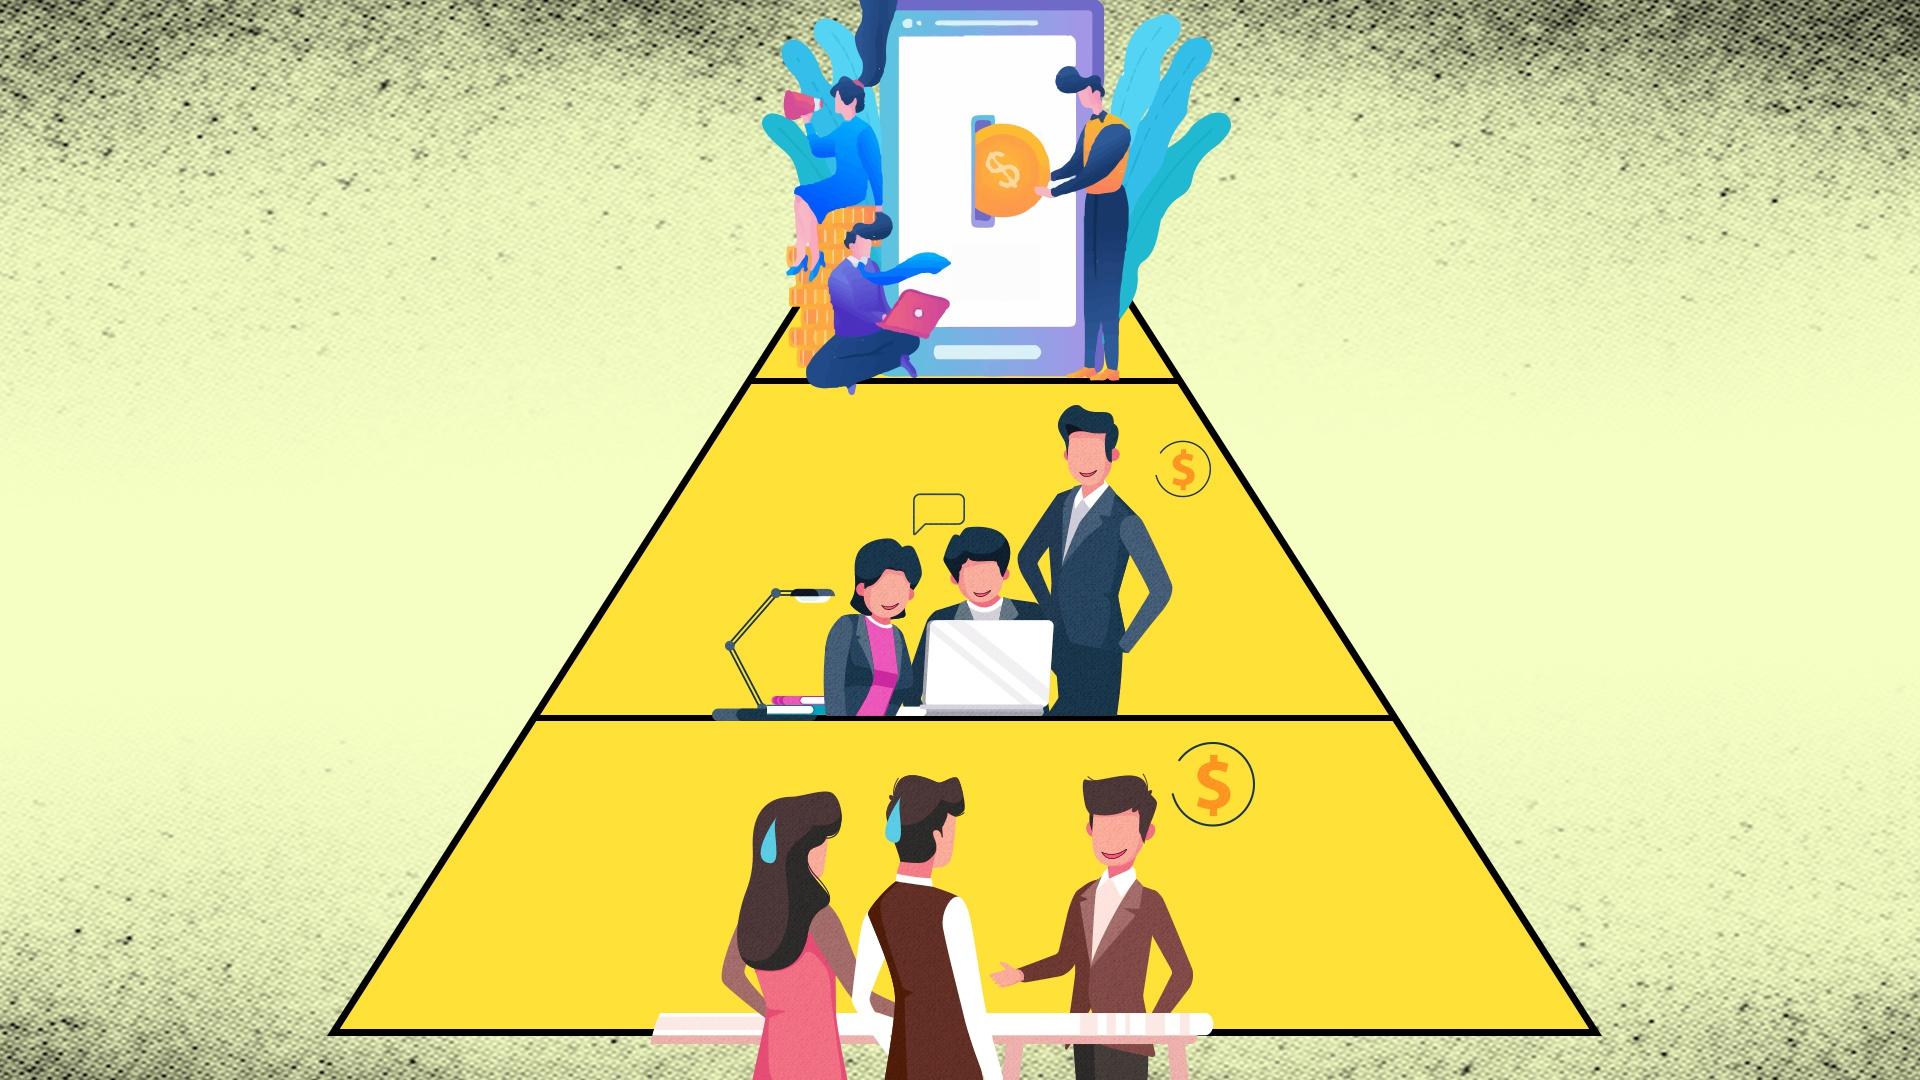 Bán hàng đa cấp là như thế nào